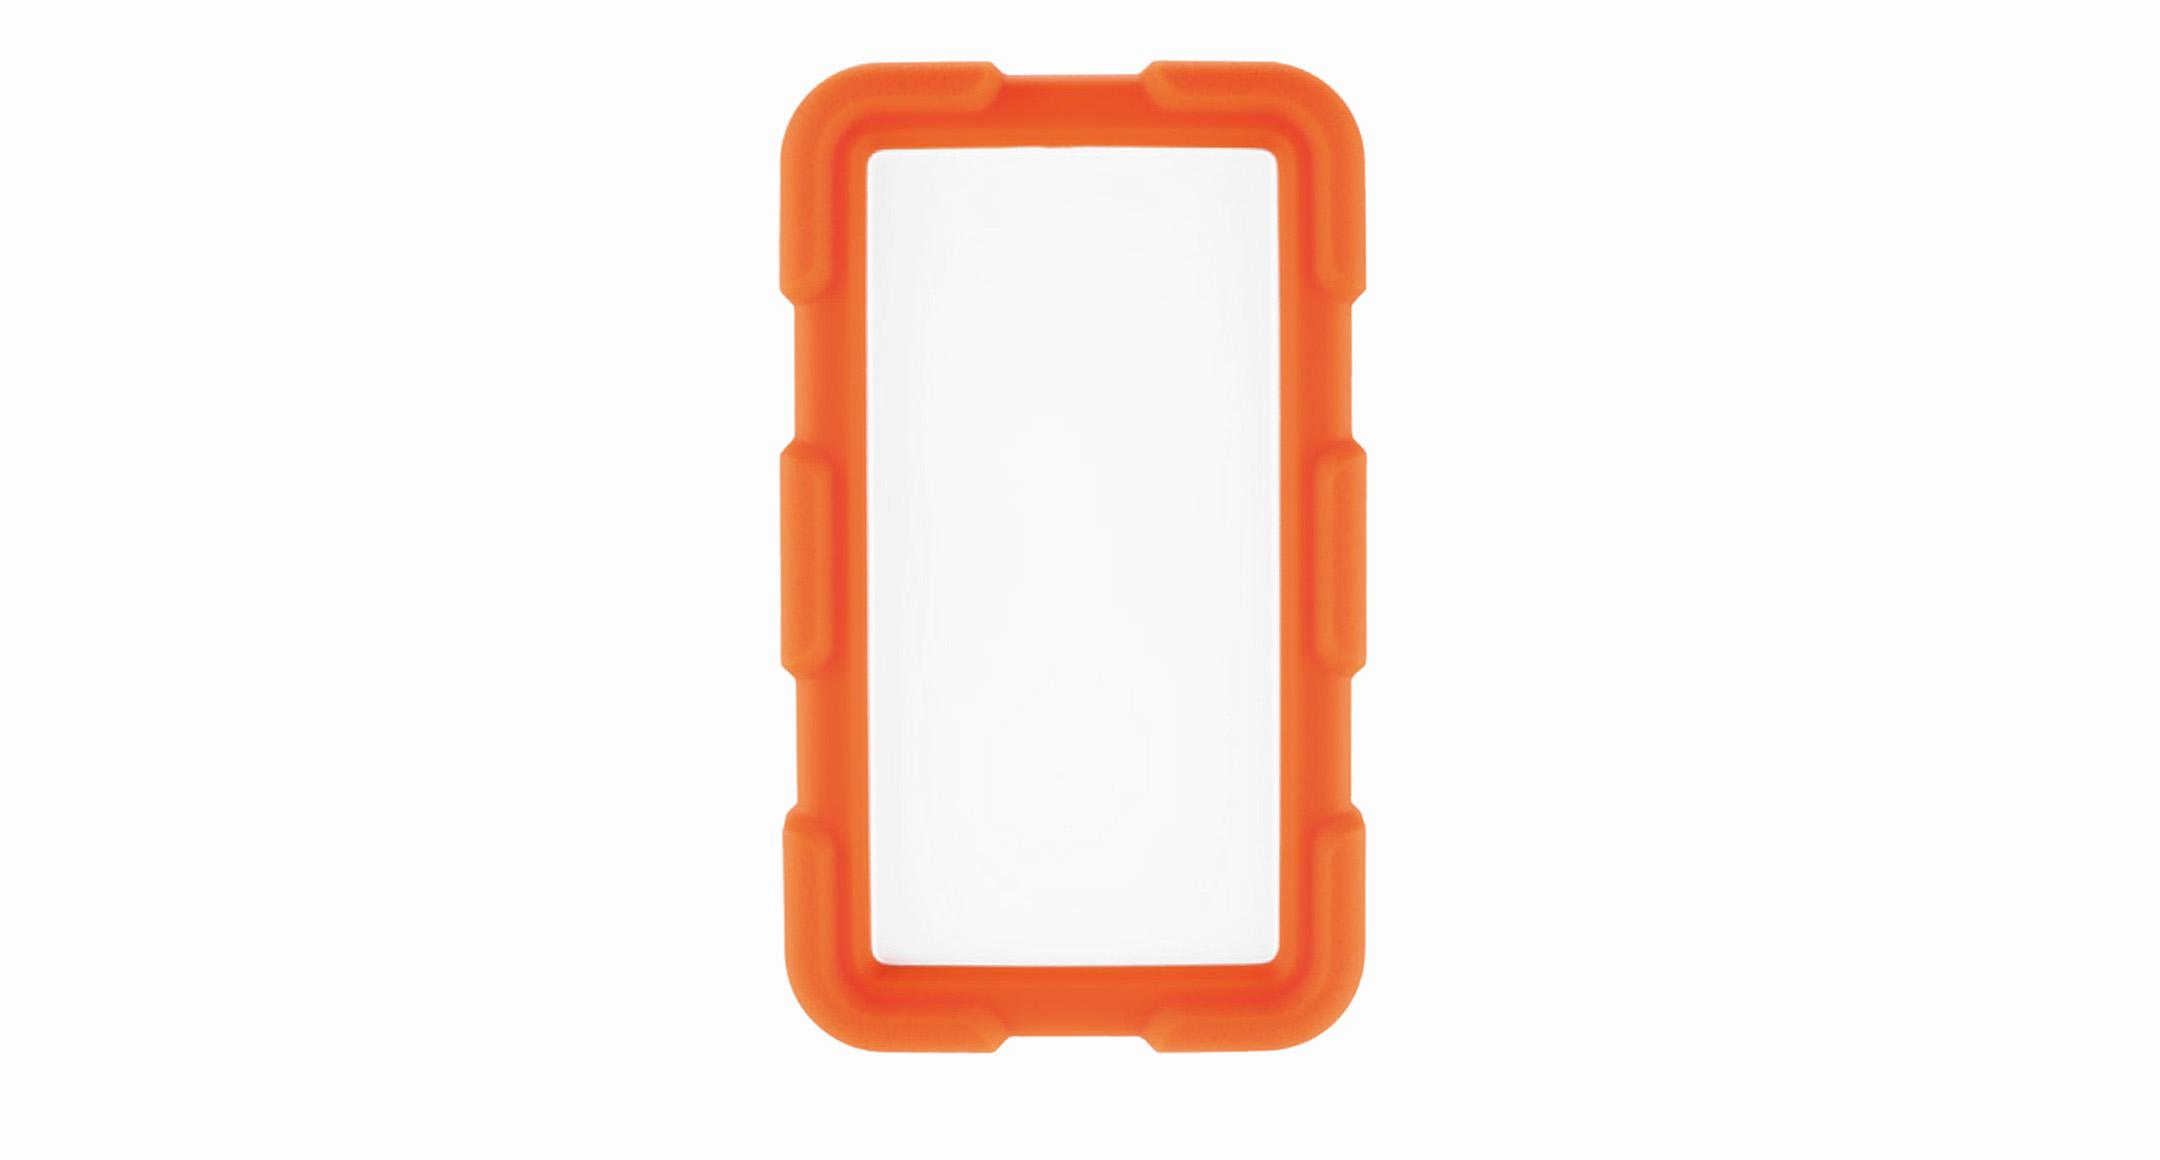 耐衝撃シリコンカバー付プラスチックケース LCTシリーズ:オフホワイト/オレンジの画像